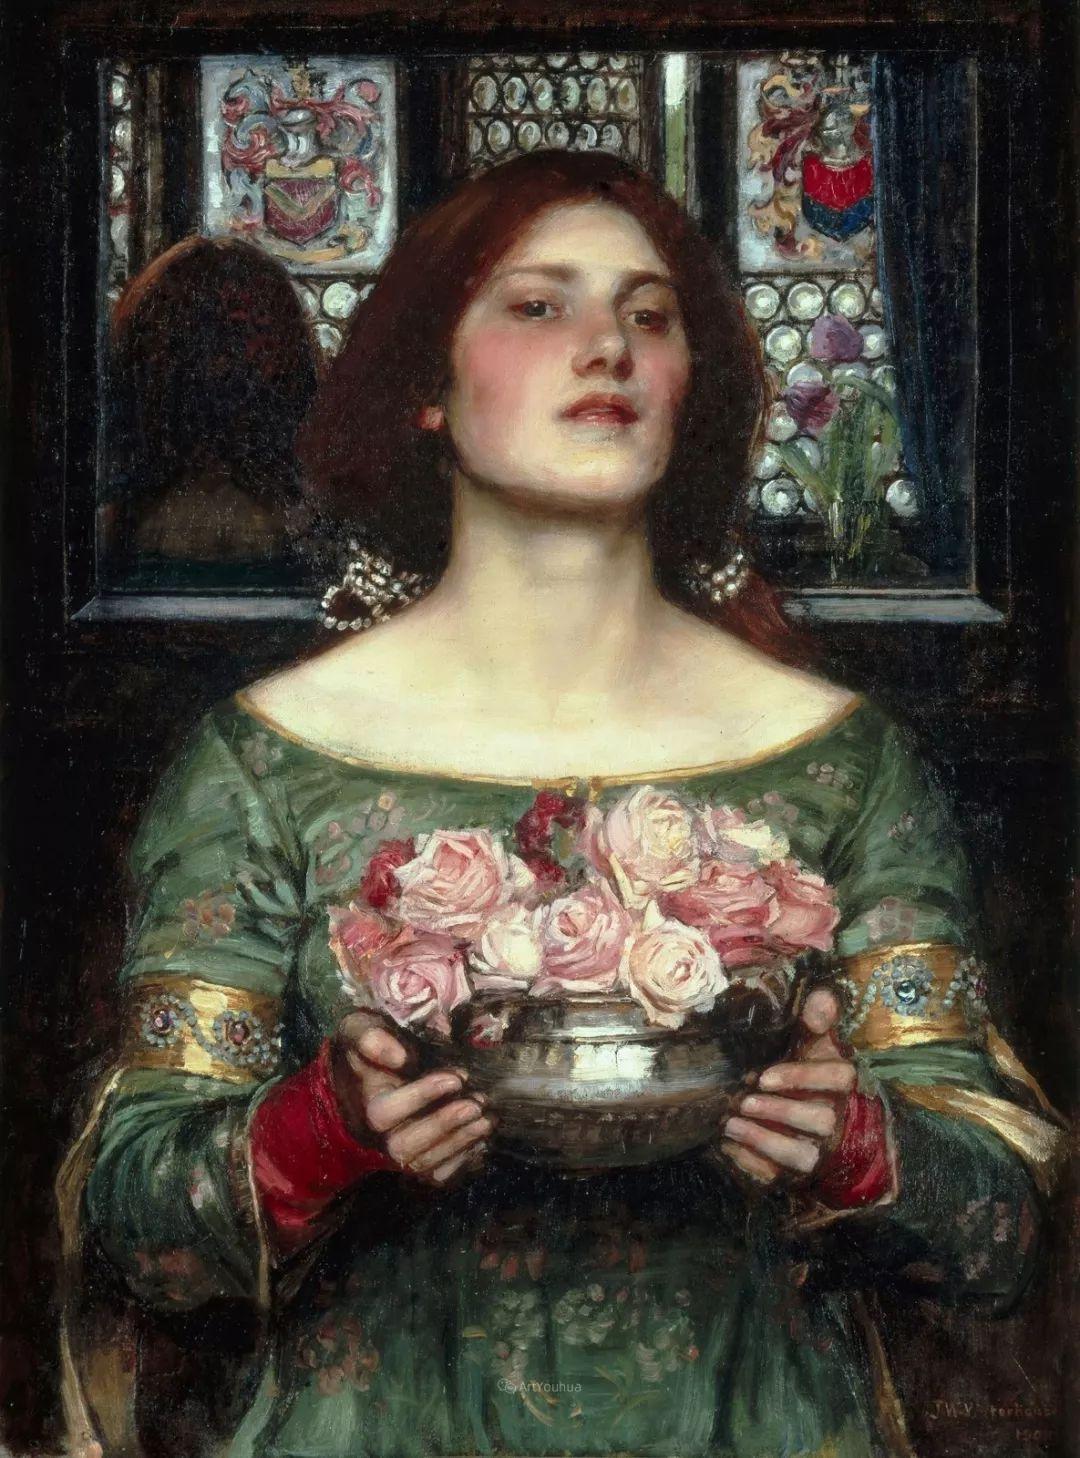 美若天仙的唯美诗性 ,英国皇家美术学院院士约翰·威廉姆·沃特豪斯插图31